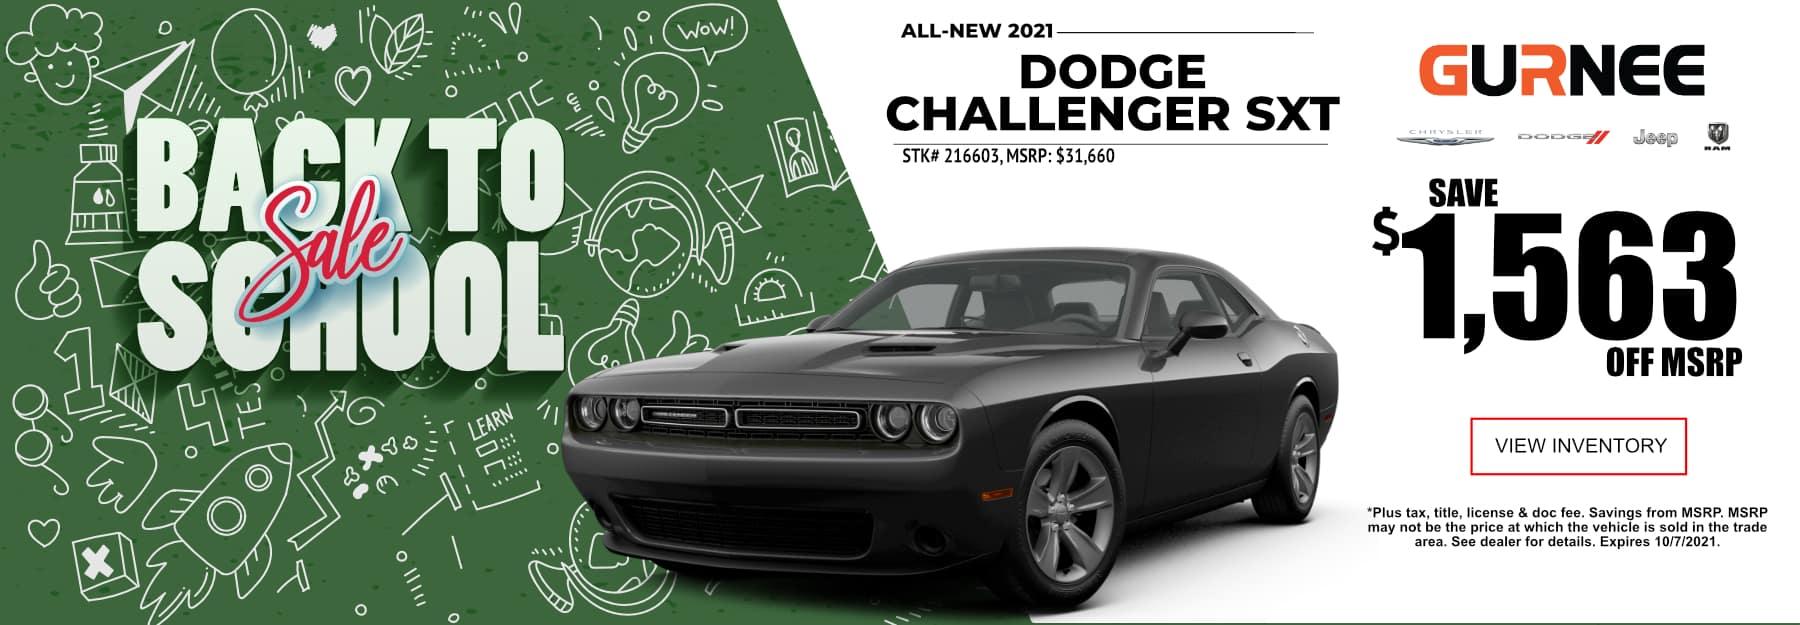 September_2021 Challenger_B2S Gurnee